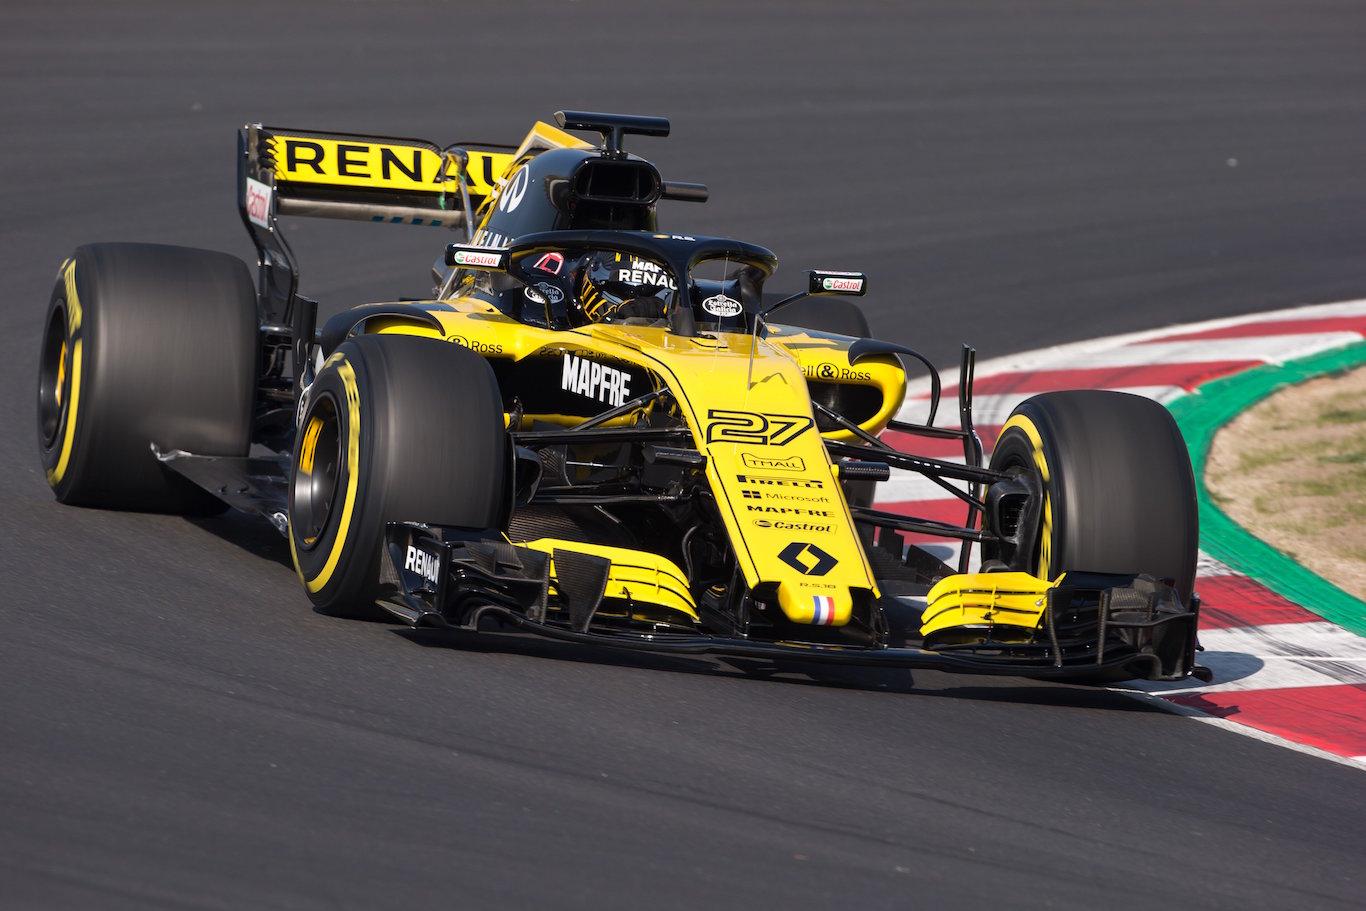 Hexis-Renault